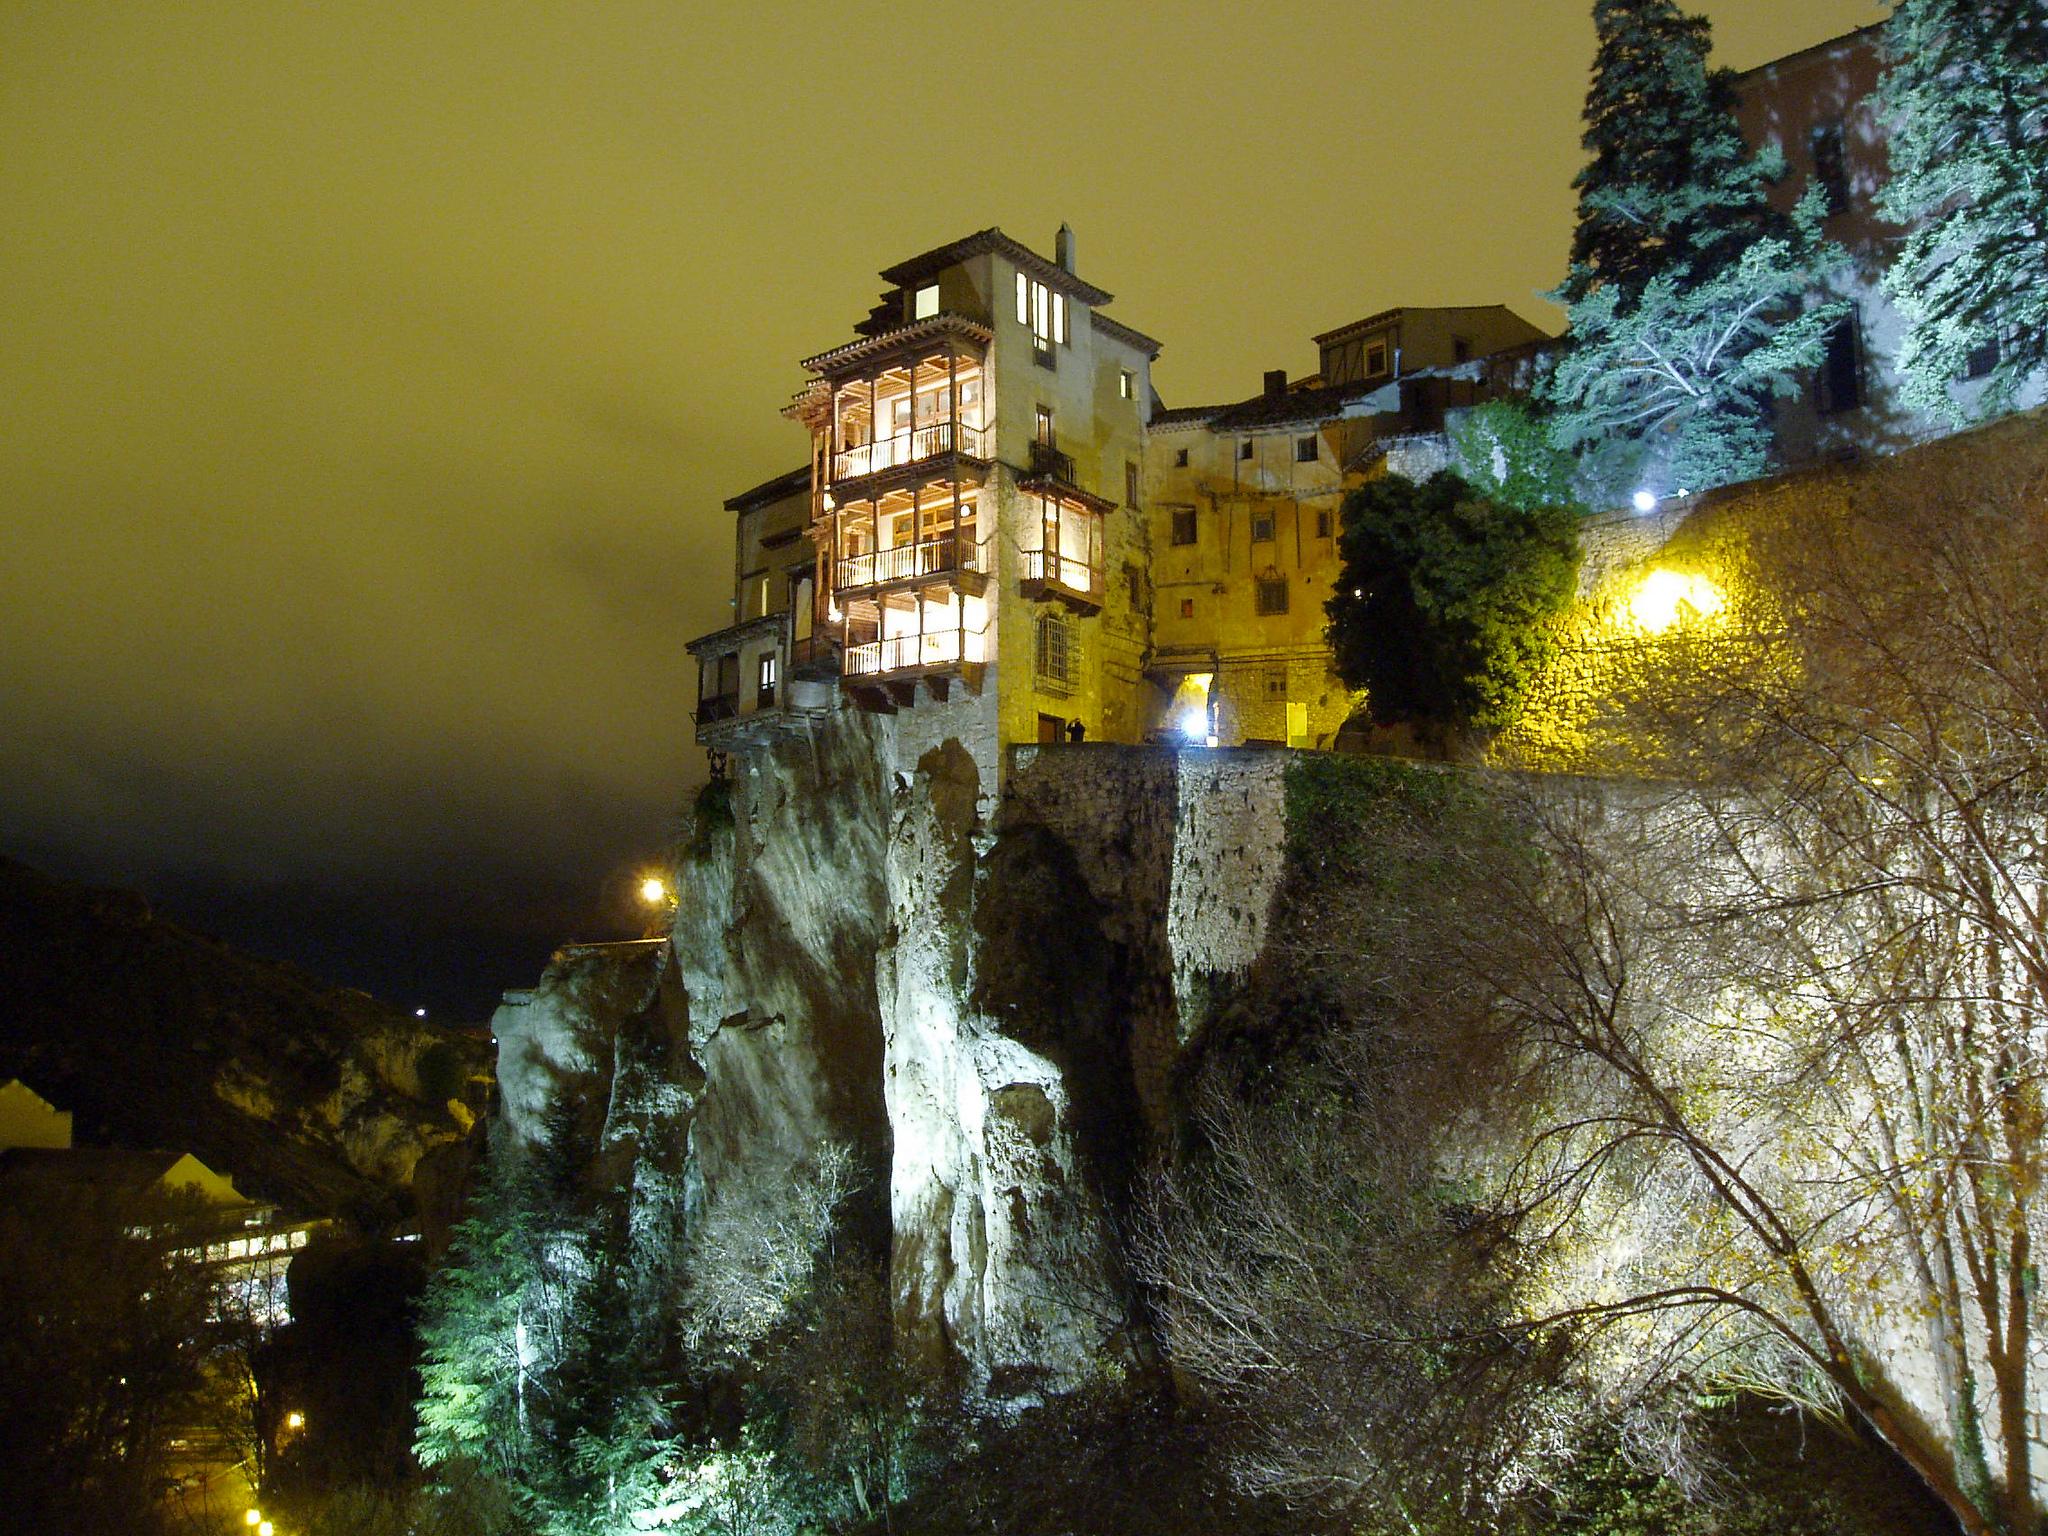 Las casas colgadas iluminadas muy cerca del apartamento turistico mirando a cuenca